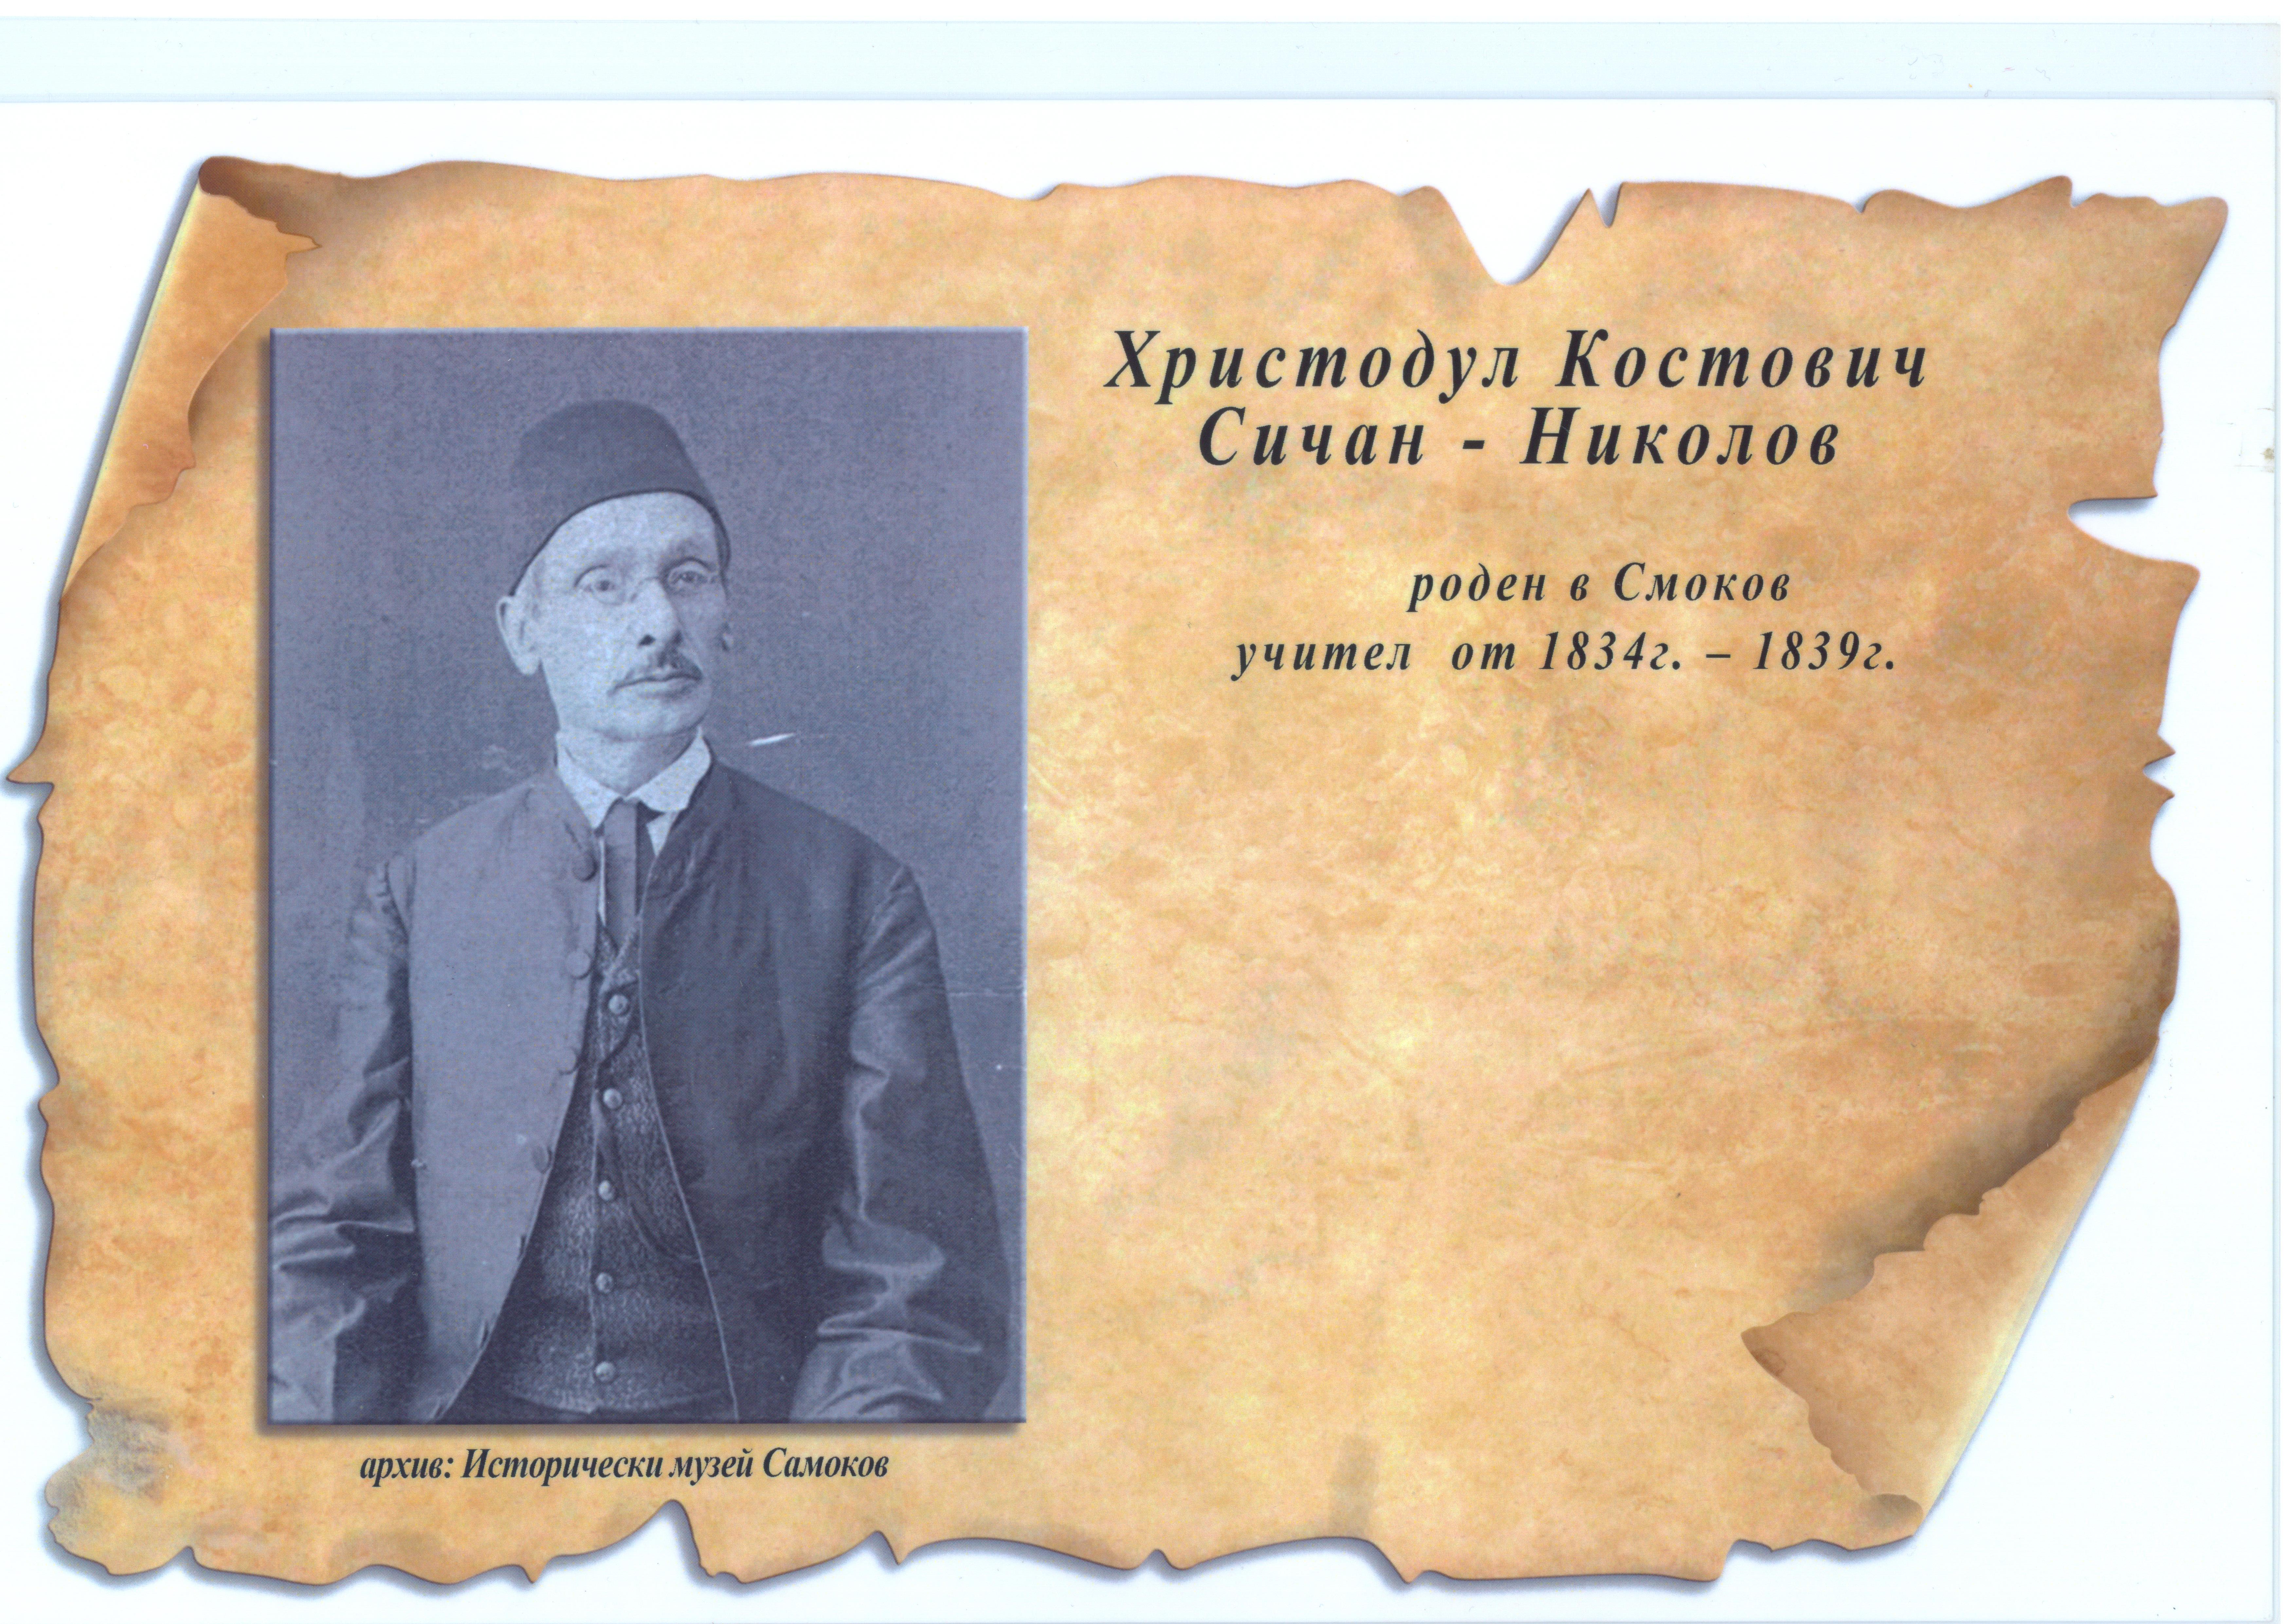 Христодул Костович Сичан - Николов